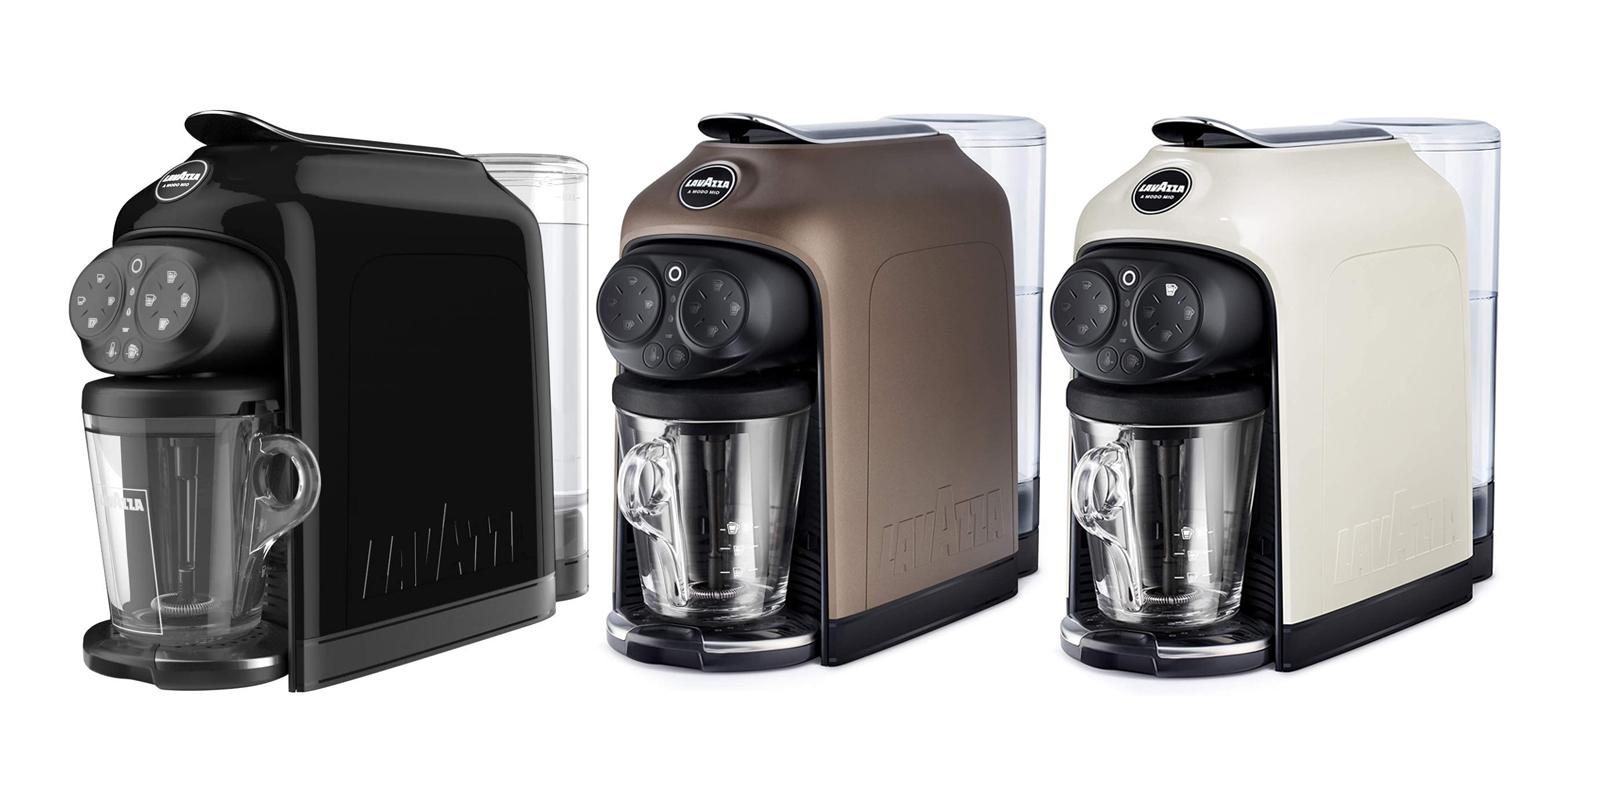 migliore-macchina-caffe-cappuccino-capsule-lavazza-a-modo-mio-desea-p